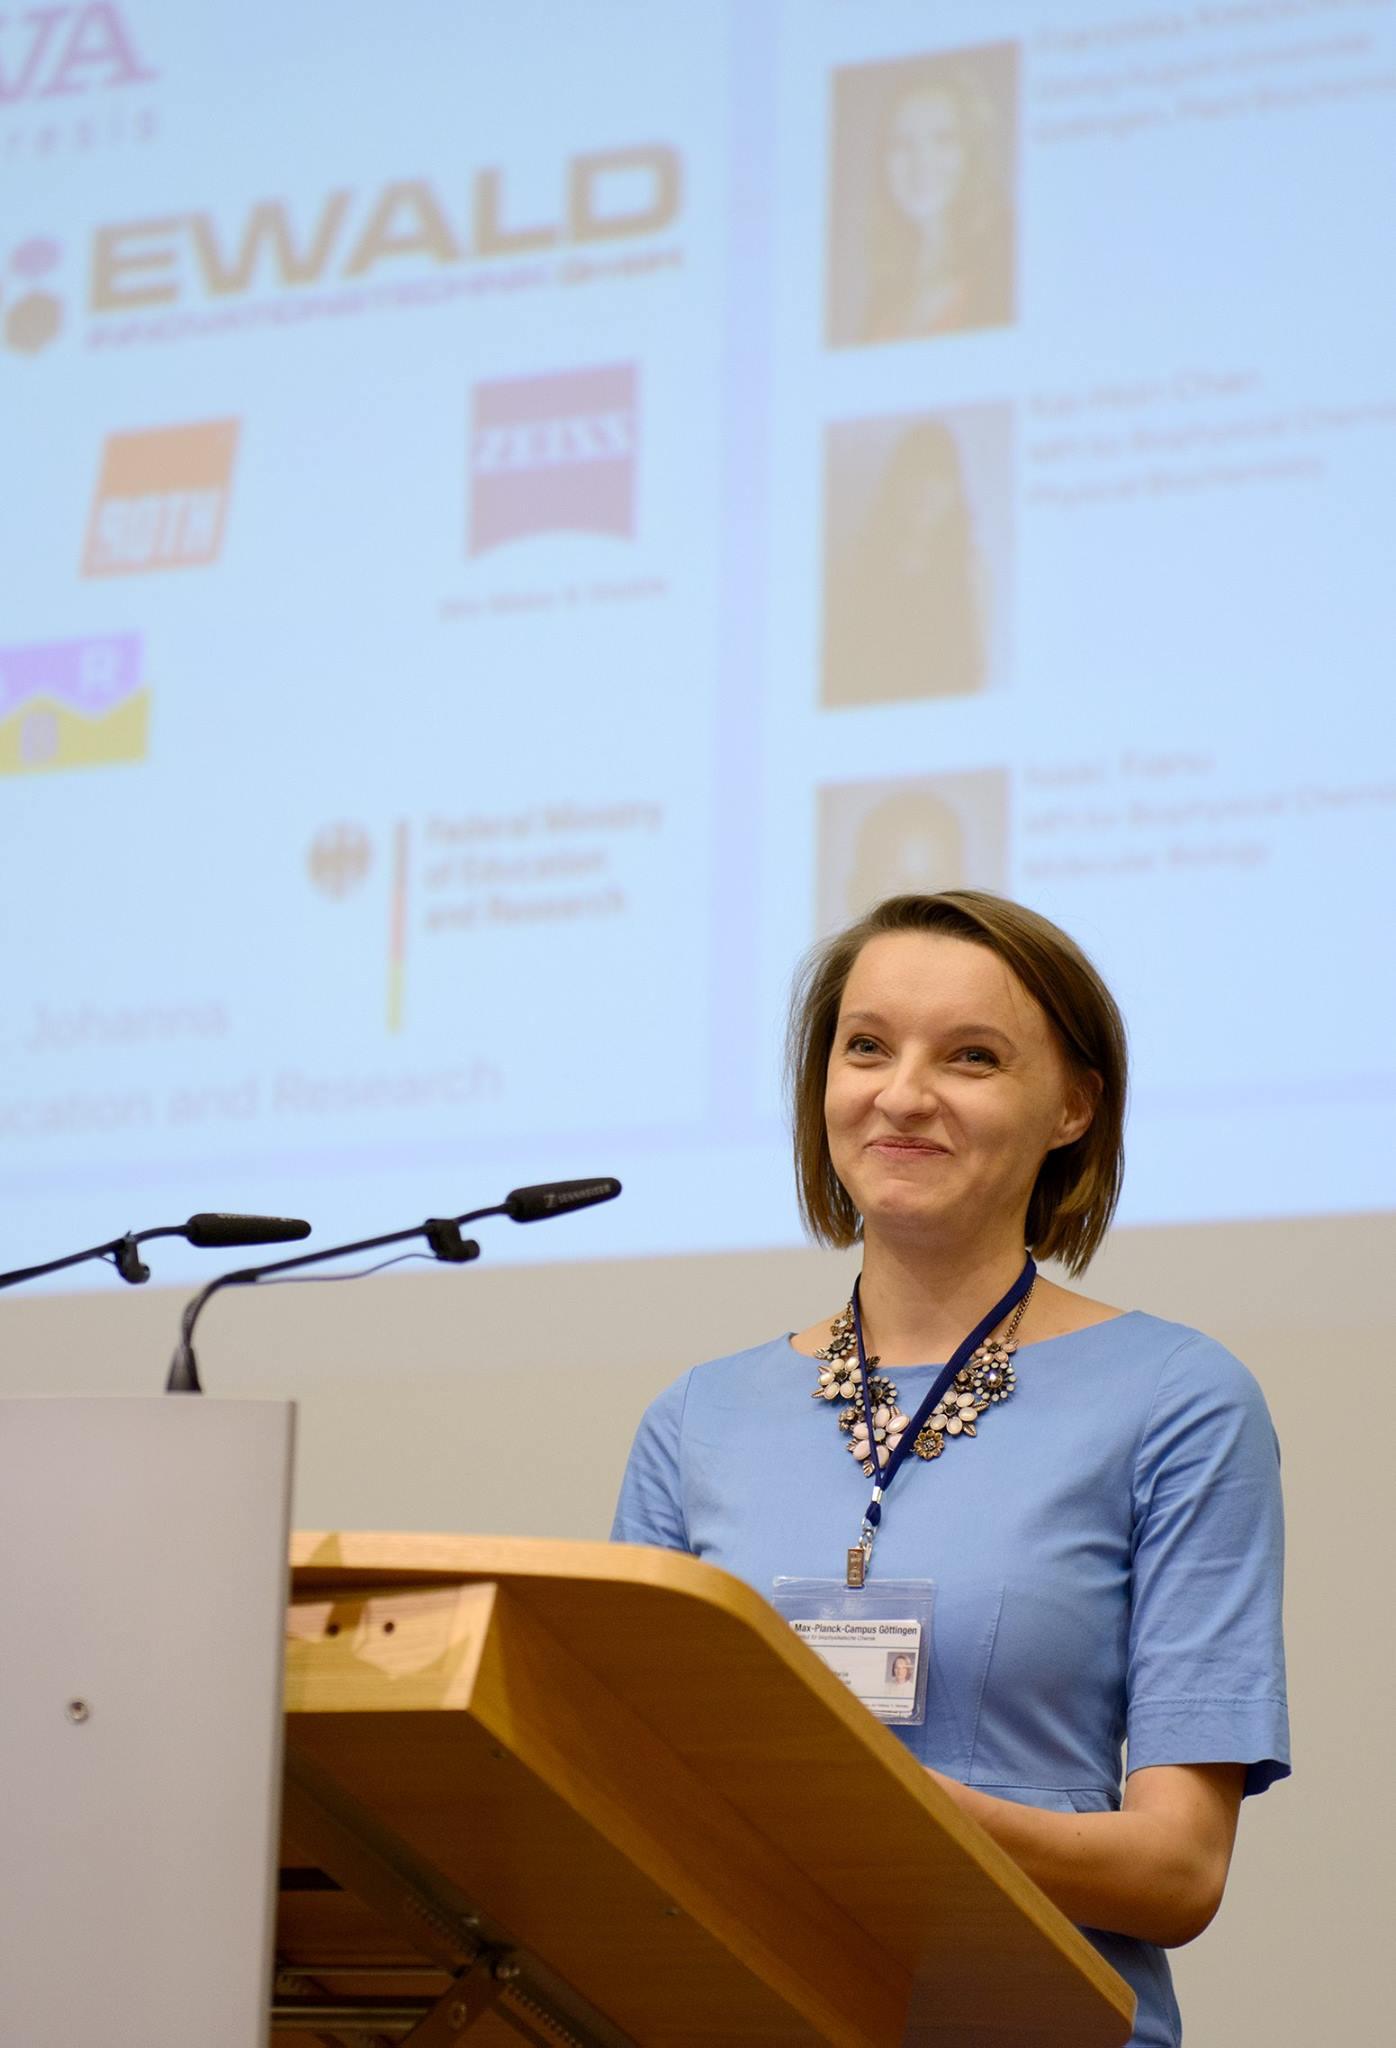 Vokietijos Biofizikinės chemijos Makso Planko institute biofizikos srityje daktaro laipsnį įgijusi kraštietė Marija Liutkutė ne tik dalyvauja mokslinėse konferencijose, bet ir pati jas organizuoja. Nuotraukoje – jaunoji mokslininkė sveikina 2017 metais savo surengtos studentų molekulinės biologijos konferencijos dalyvius. © Böttcher-Gajewski / Max-Planck-Institut für biophysikalische Chemie nuotr.